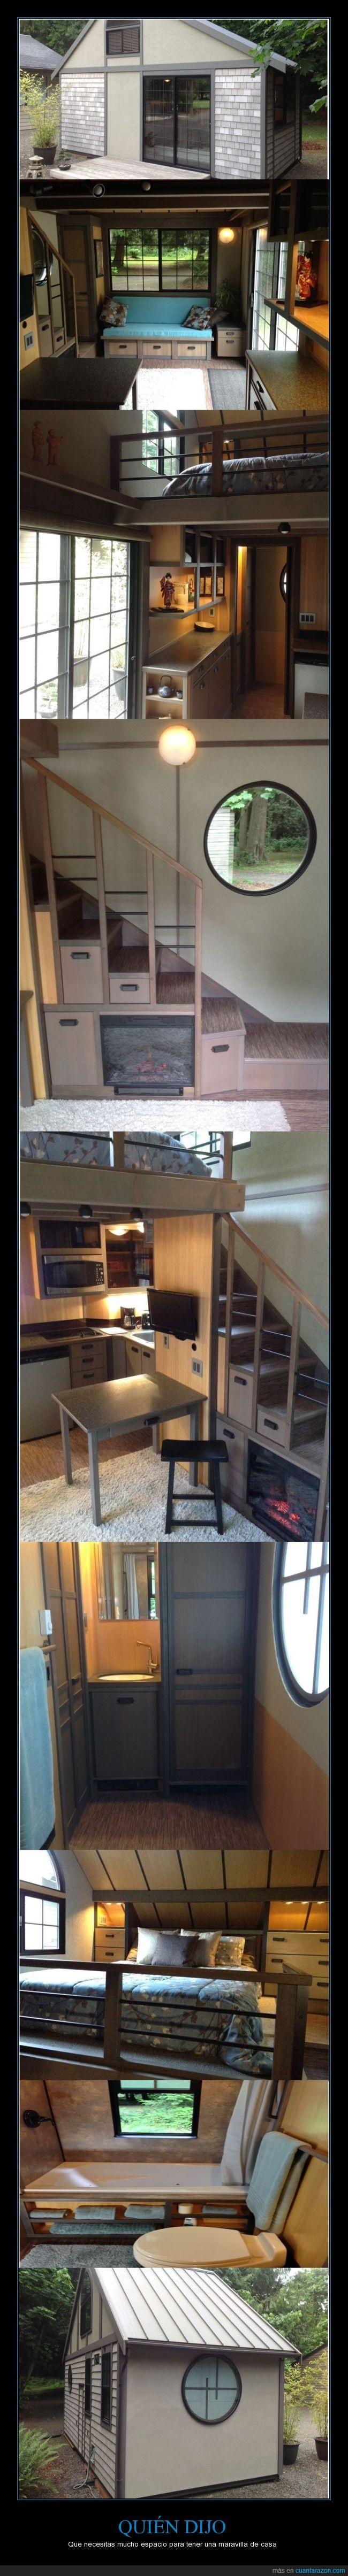 cabaña,casa,diseñador,espacio,maravilla,pequeño,reducido,yo quiero una casa asi